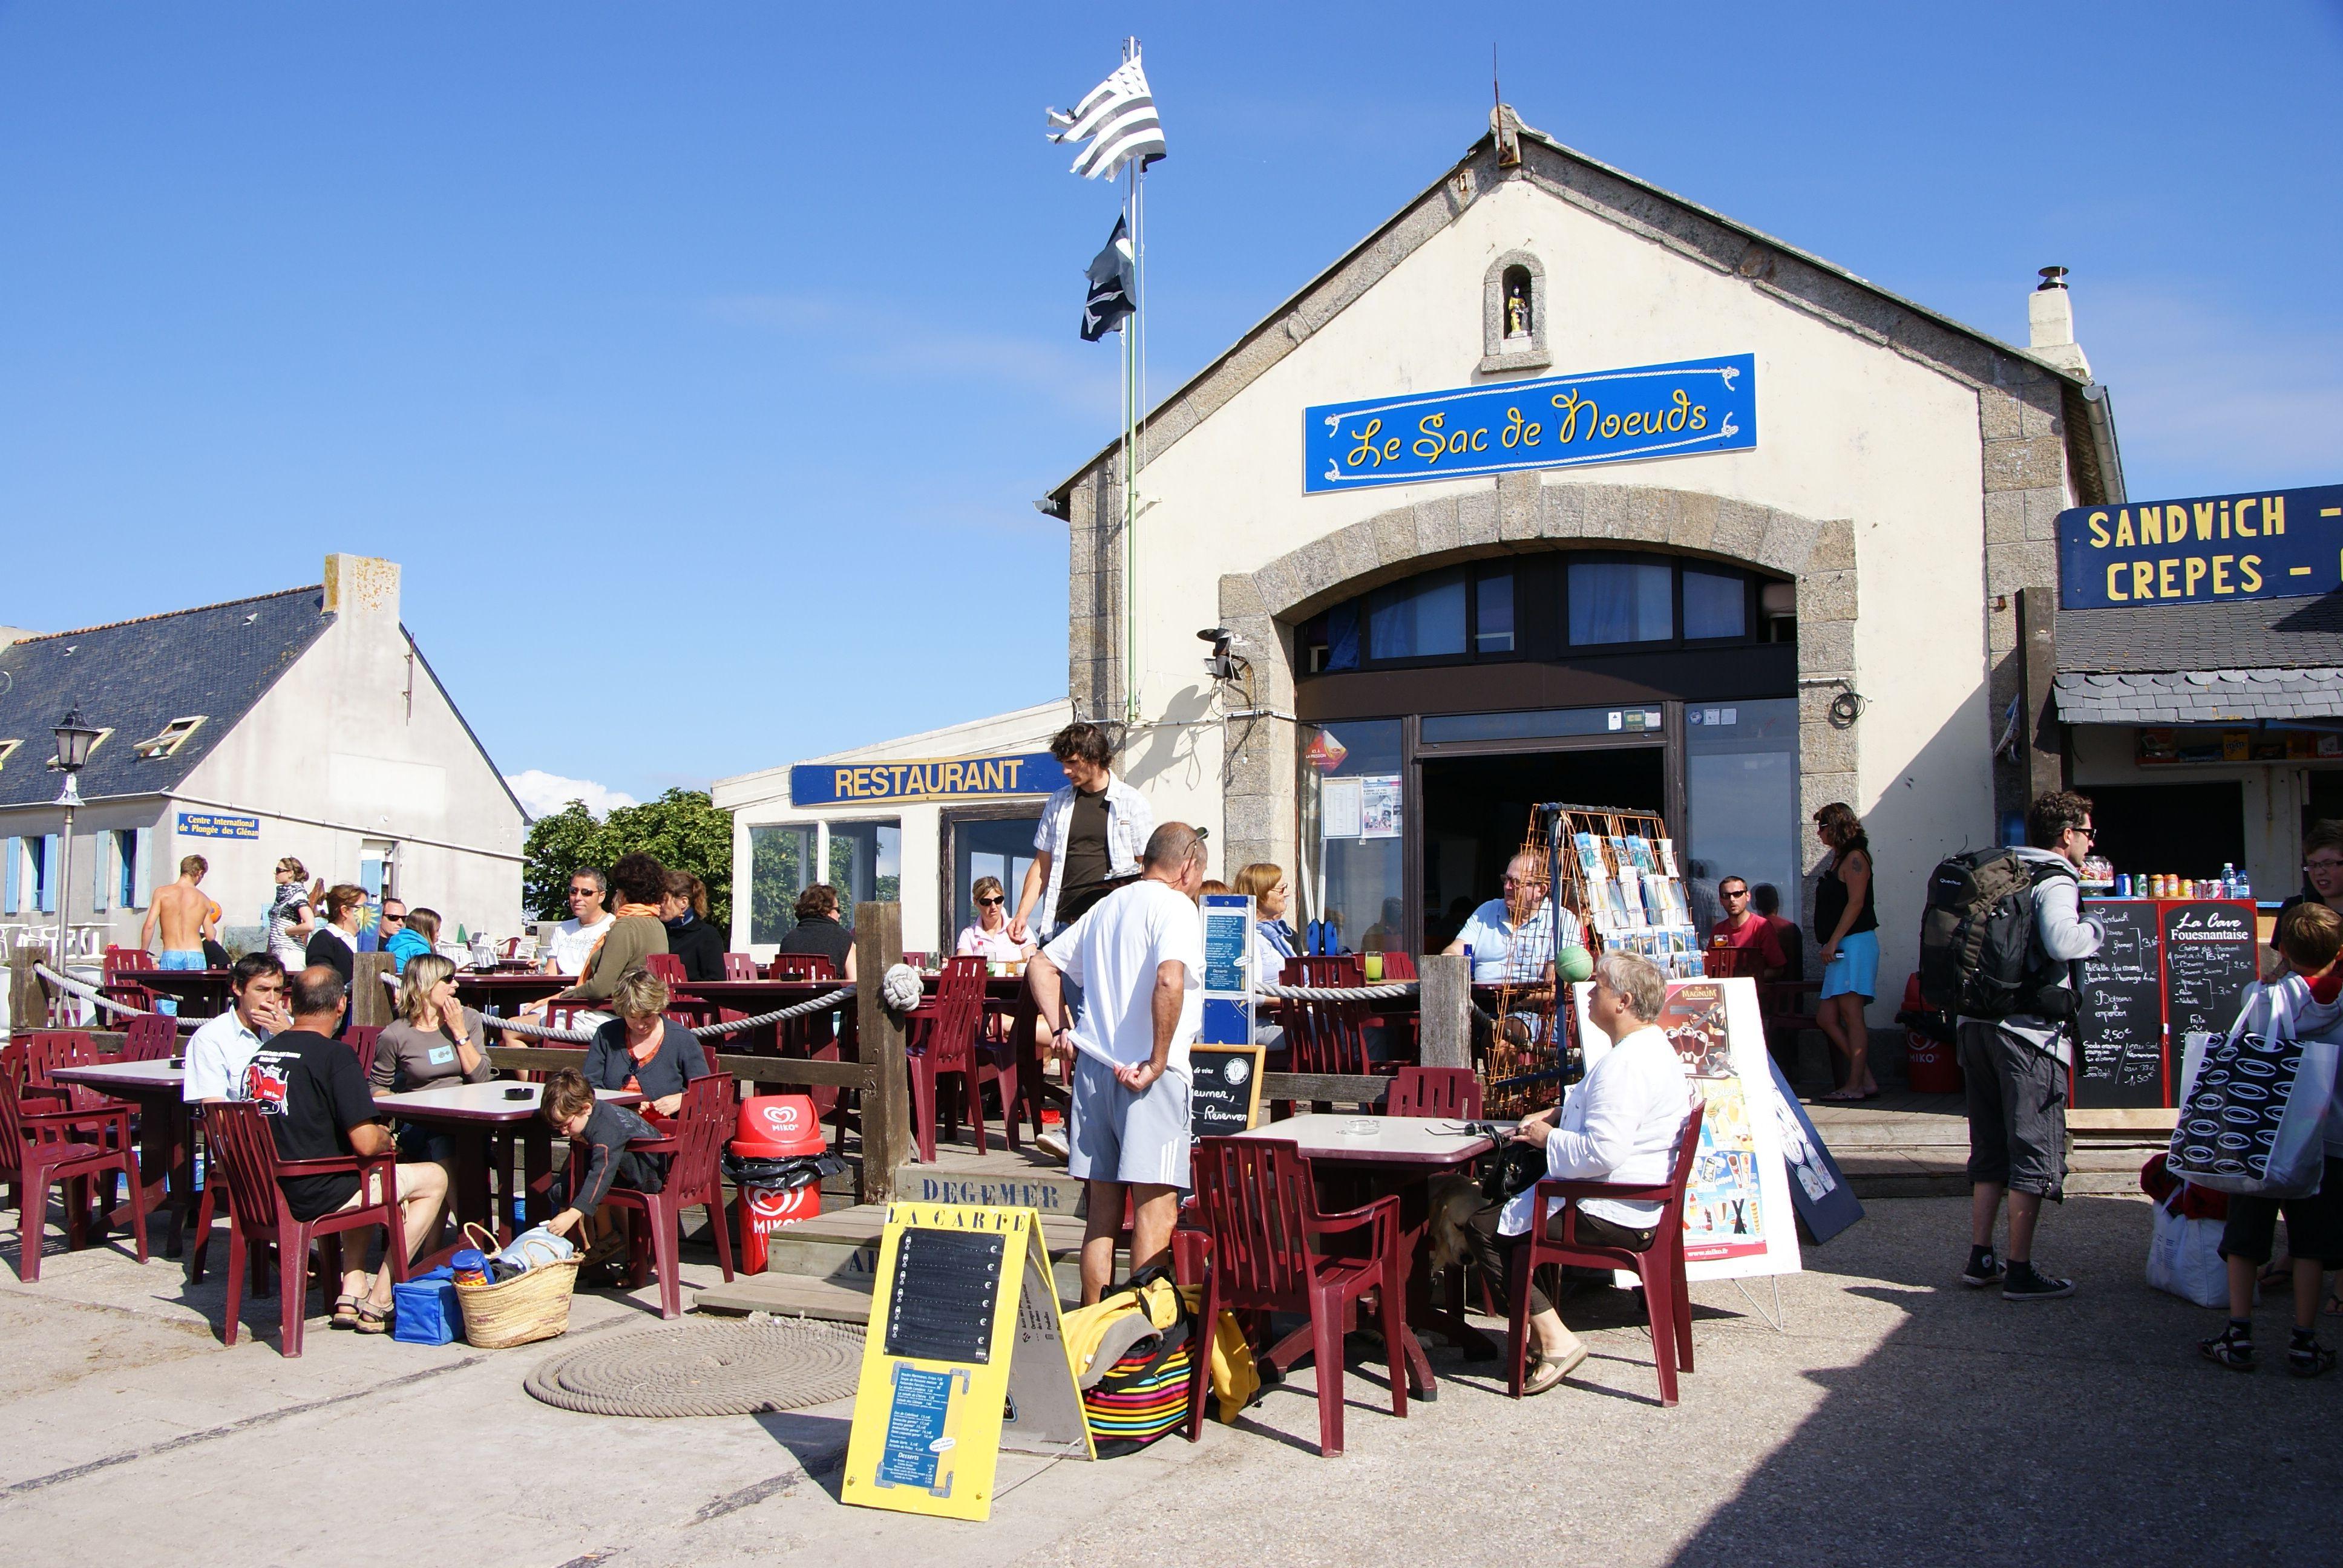 Restaurant Ile Saint Laurent Chalon Sur Soane